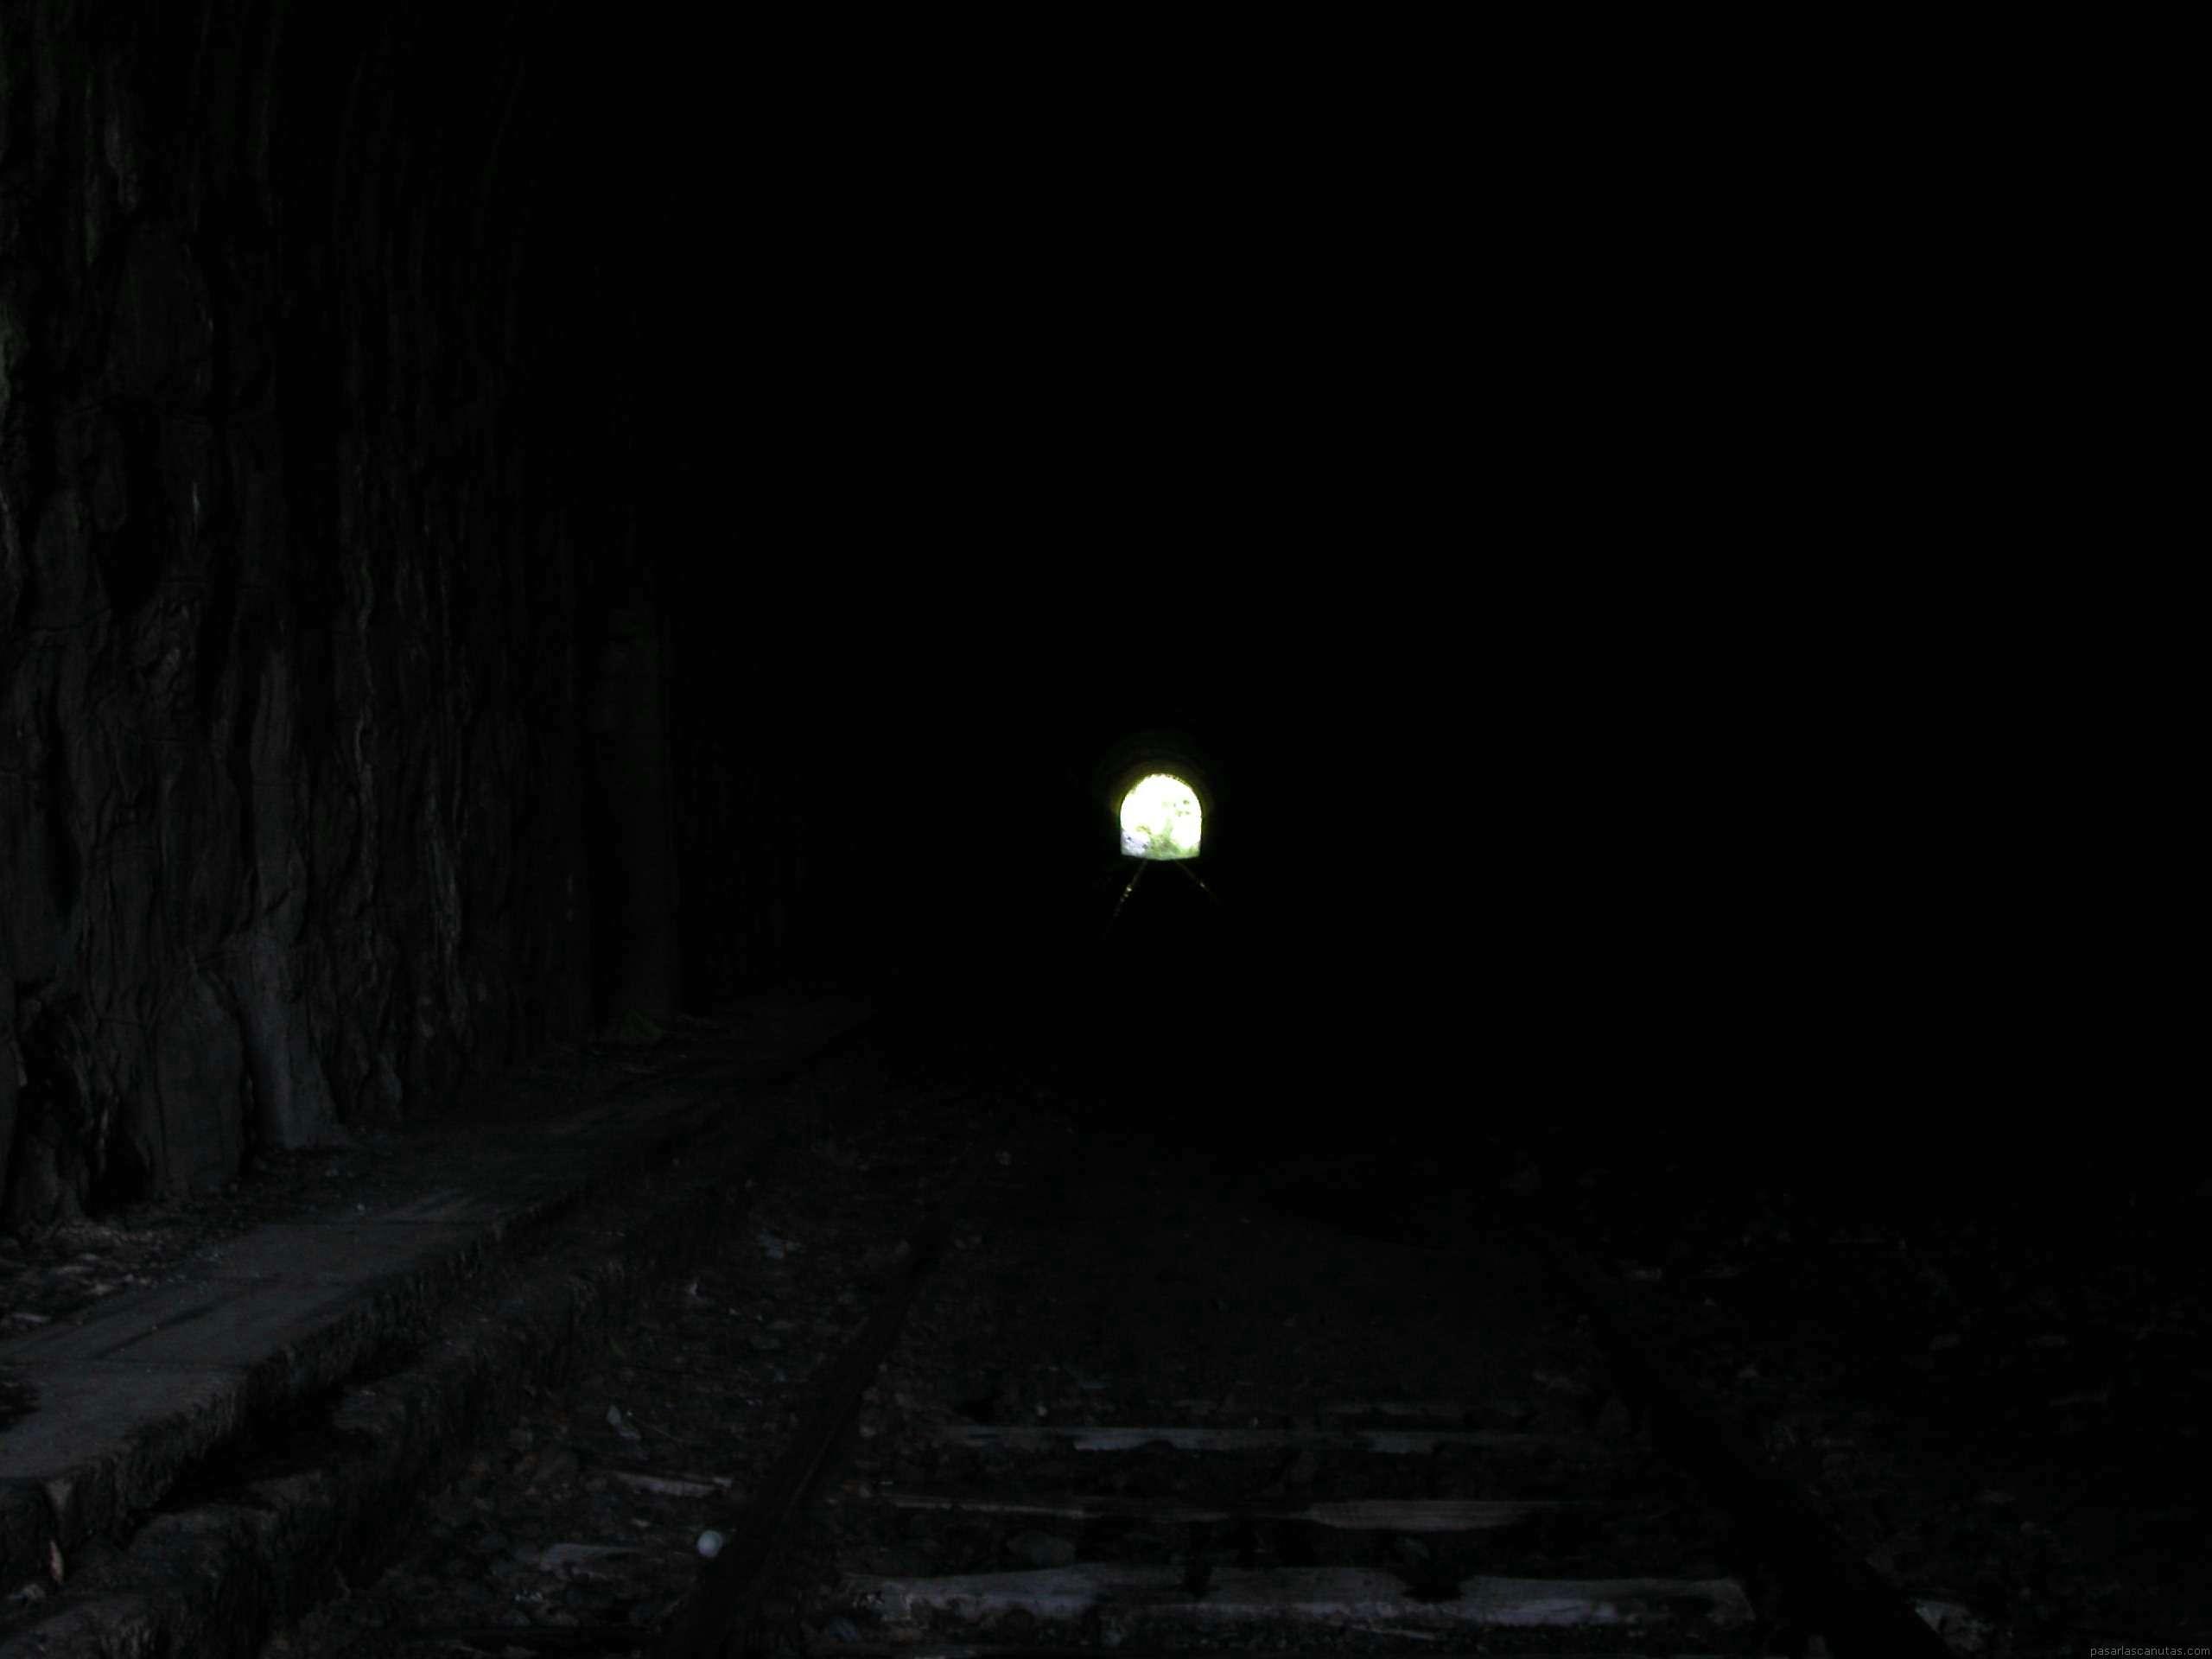 http://www.pasarlascanutas.com/fondos%20de%20pantalla/la_luz_al_final_del_tunel/la_luz_al_final_del_tunel_2560x1920.JPG